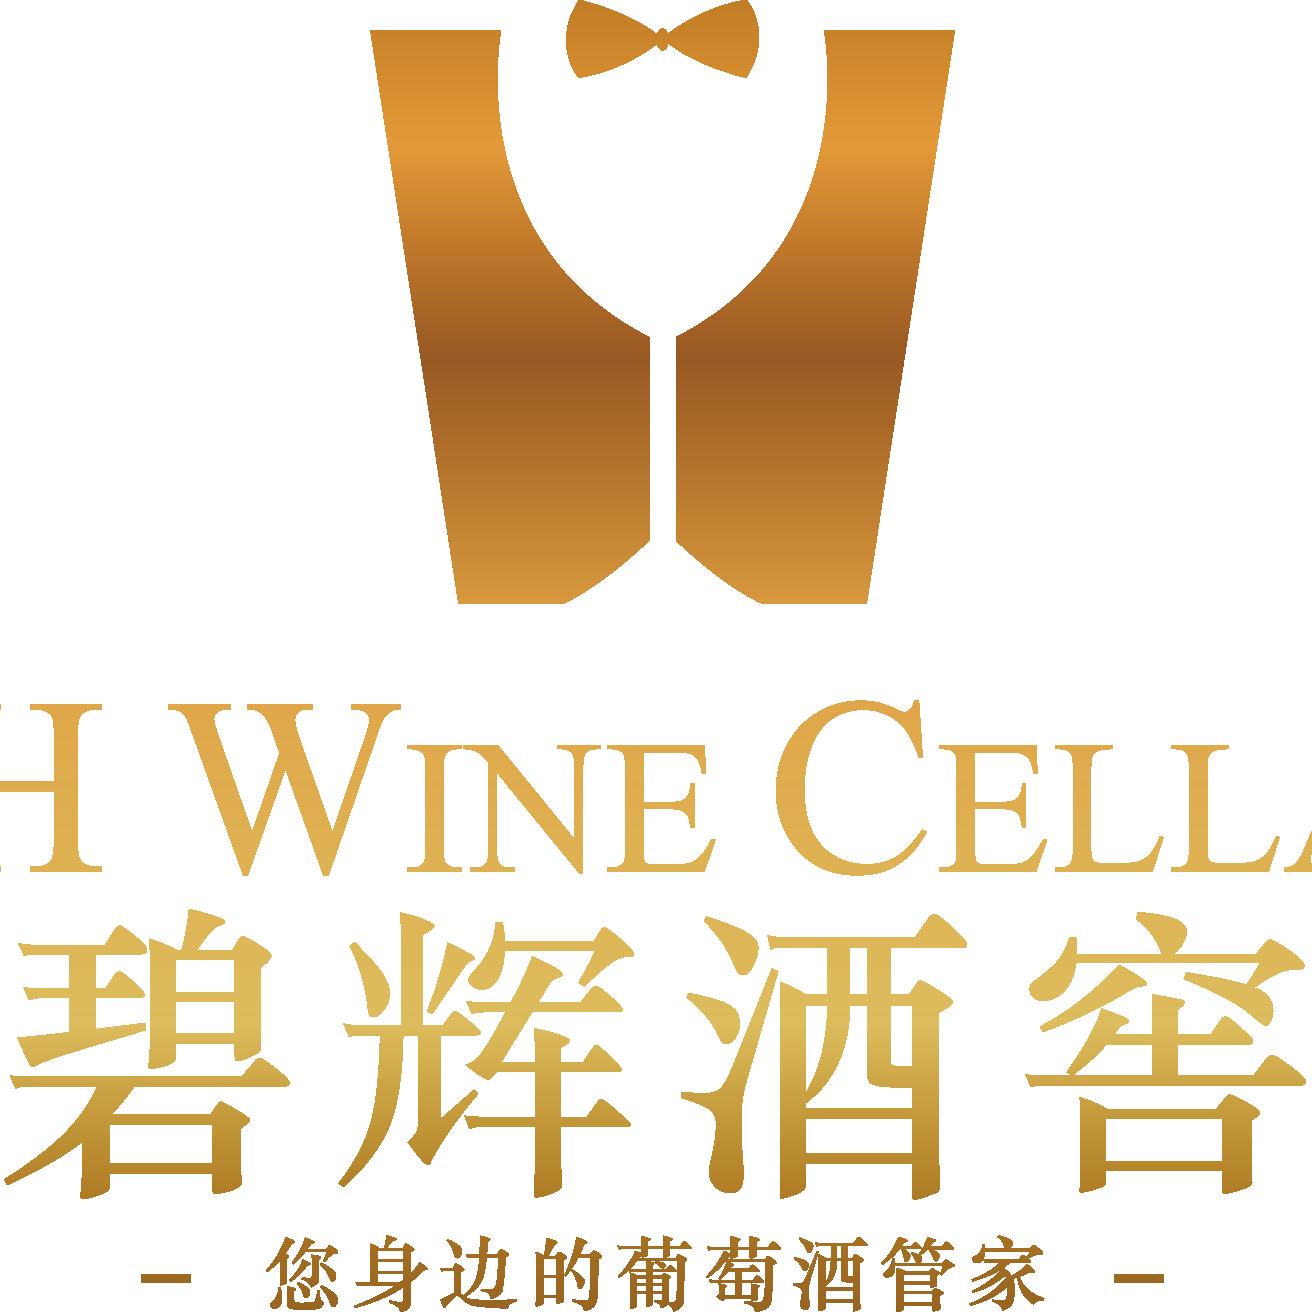 【碧辉商贸(酒窖)】柳州碧辉商贸有限公司招聘:公司标志 logo